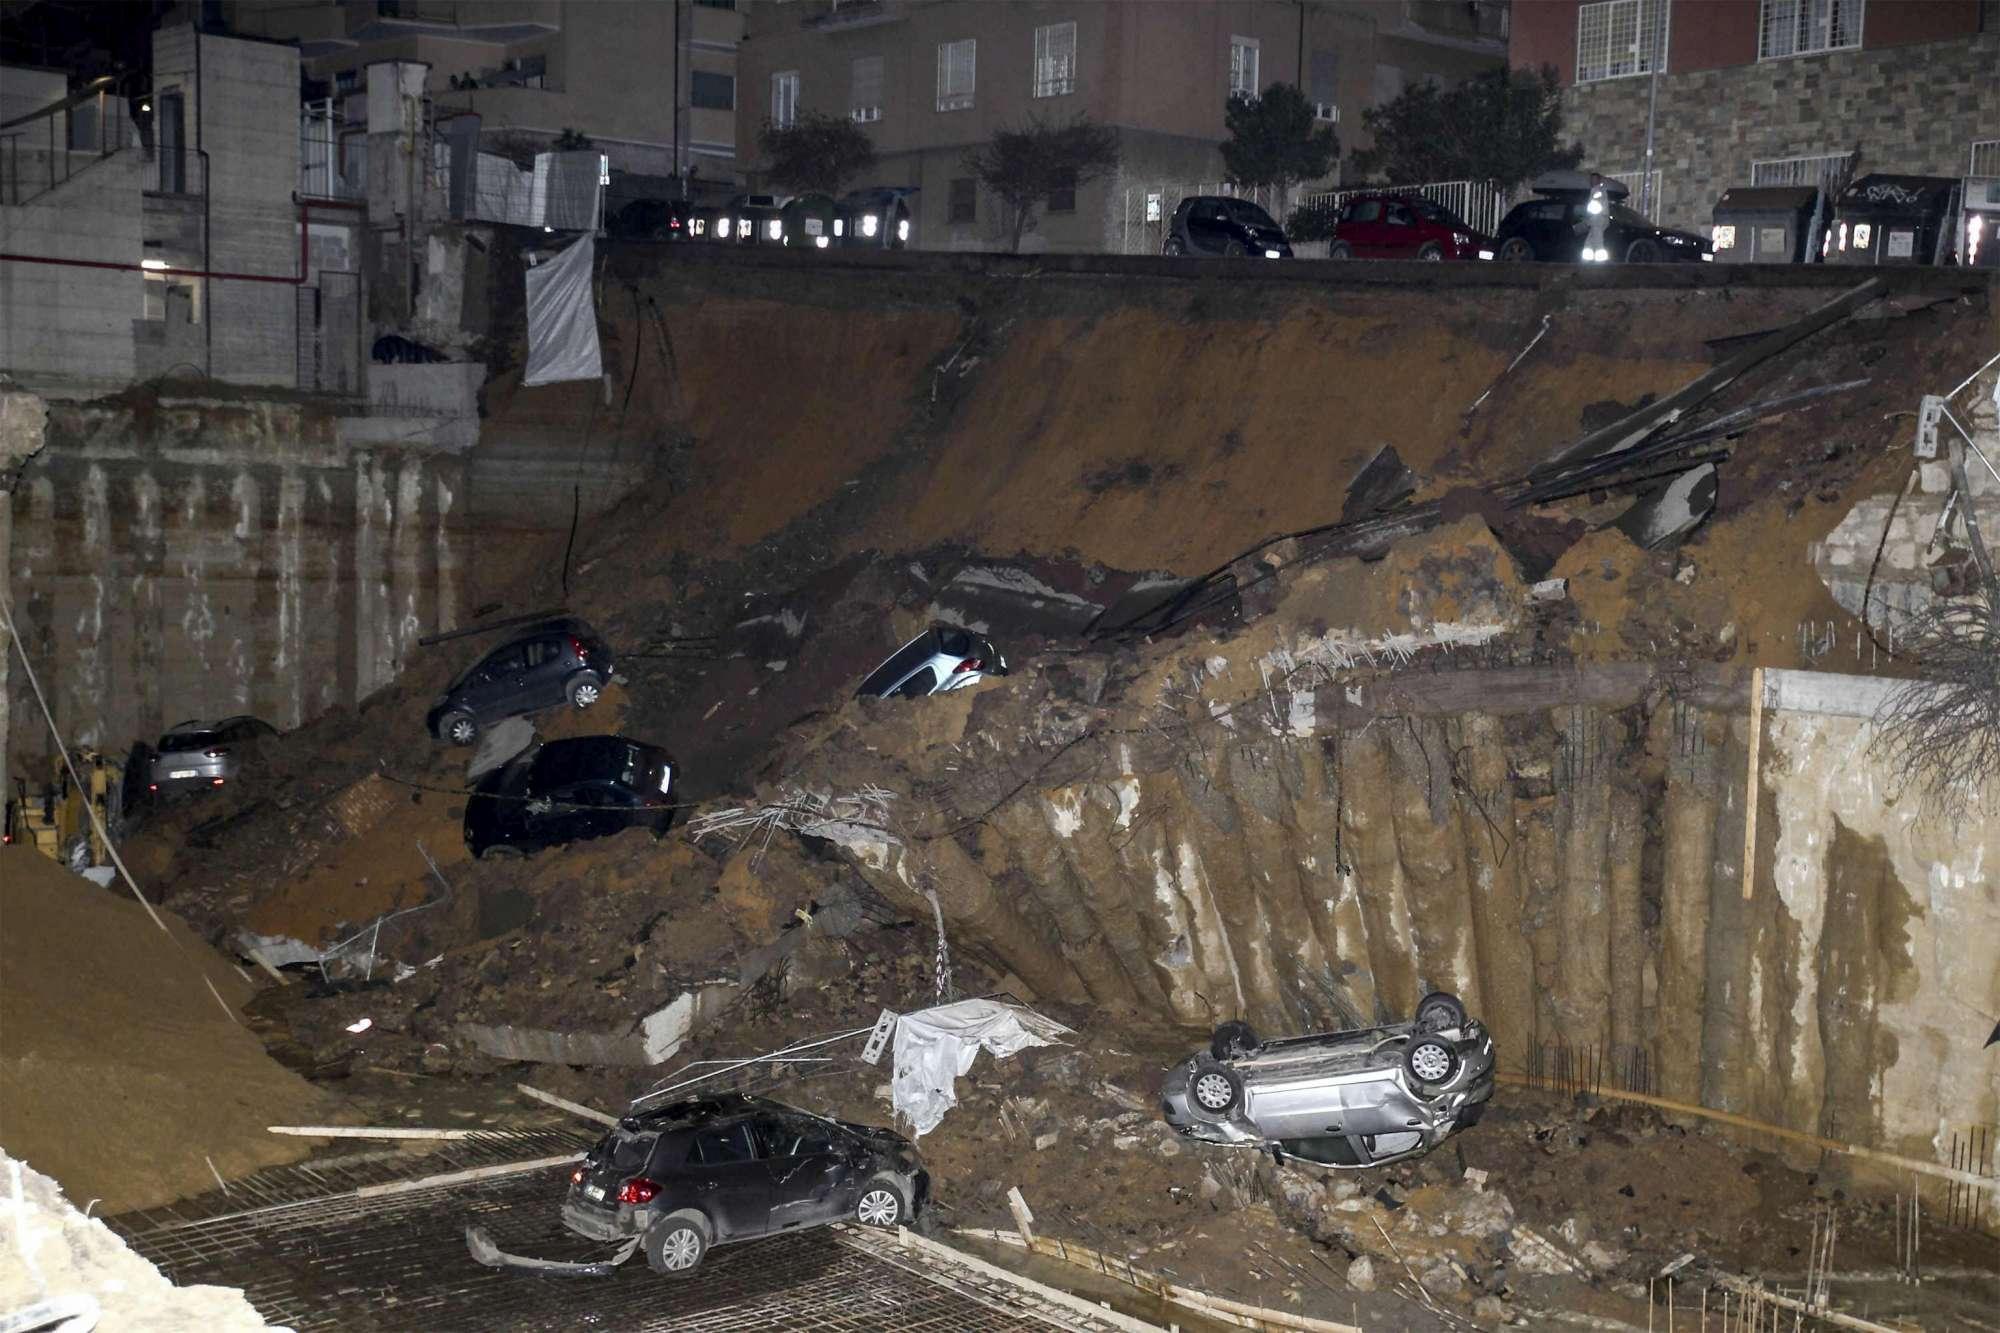 Cedimento del Terreno a Roma, si apre una voragine di 10 m in strada